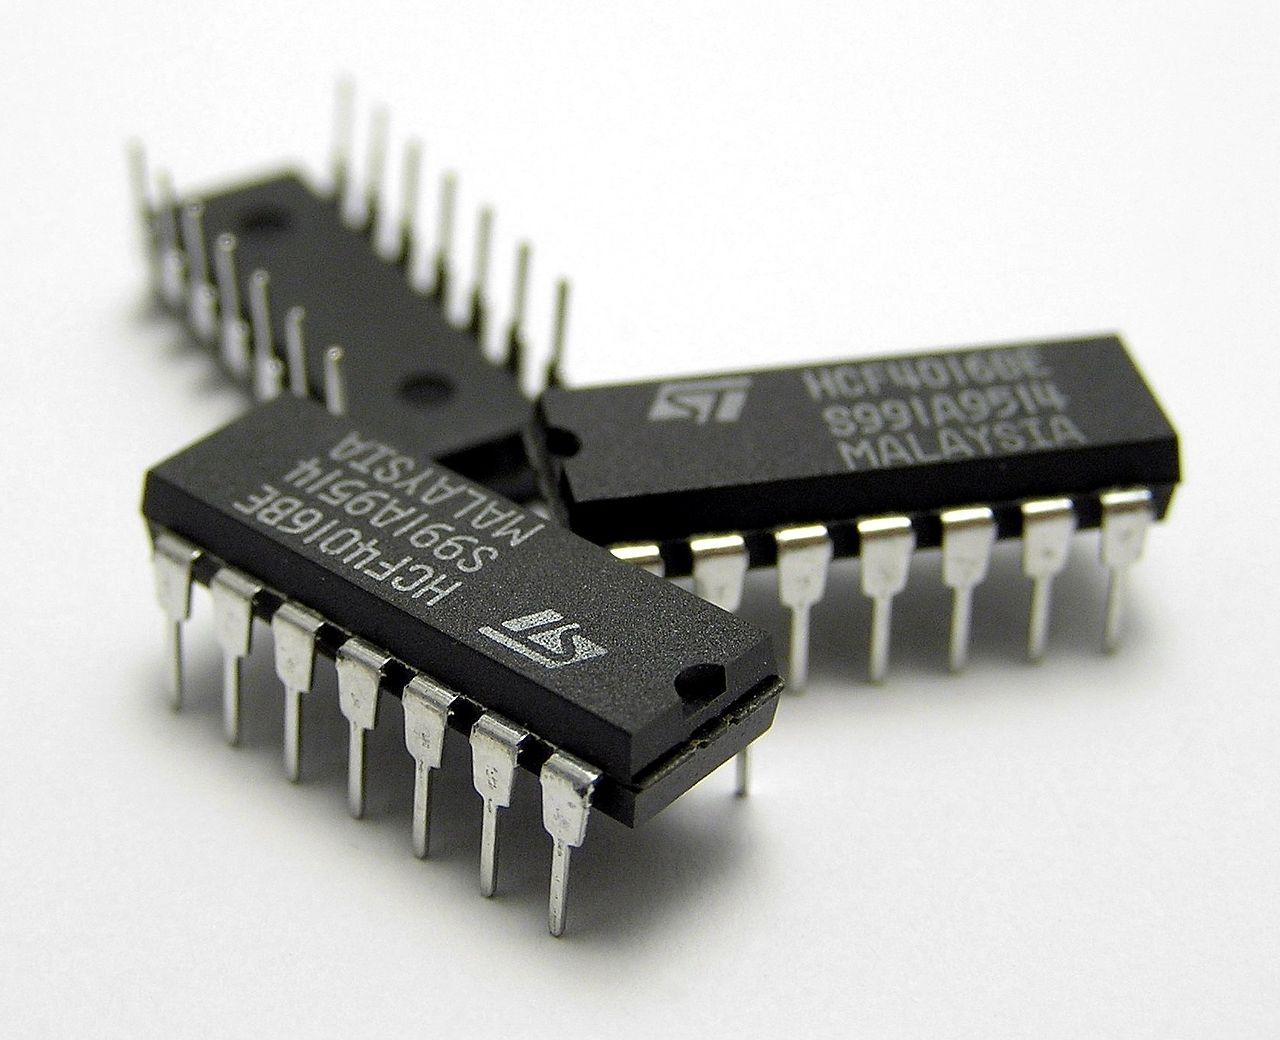 Circuito Integrado La78041 : Encapsulados principales tipos en circuitos integrados